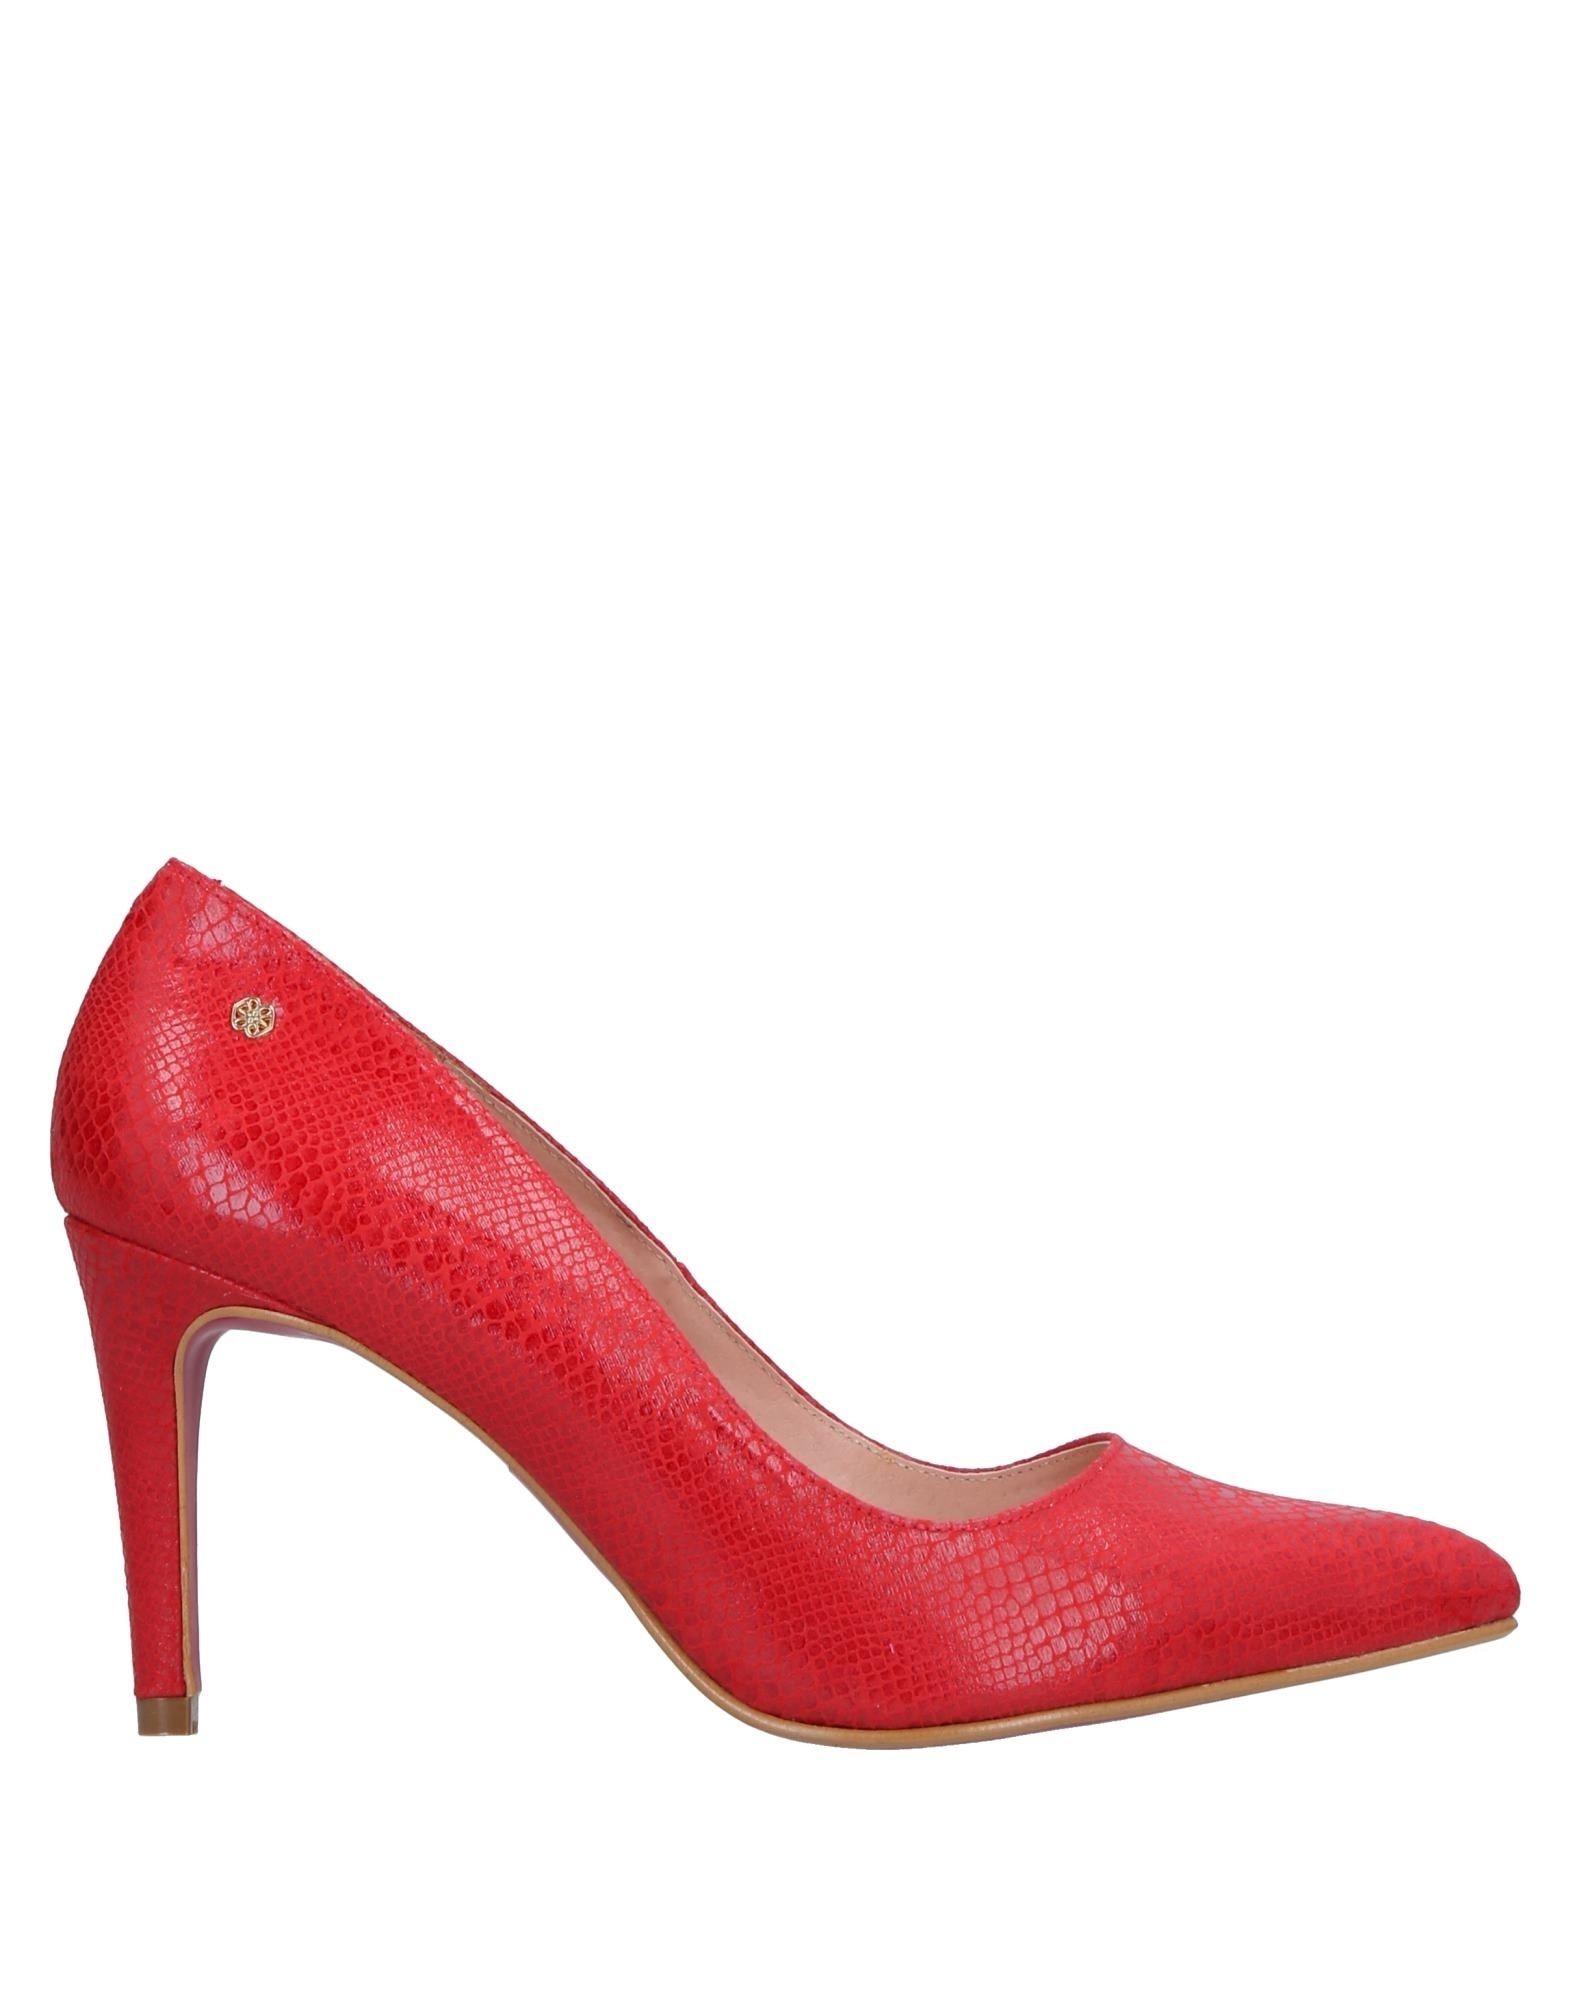 Cuplé Pumps Qualität Damen  11542998QA Gute Qualität Pumps beliebte Schuhe 7426ba